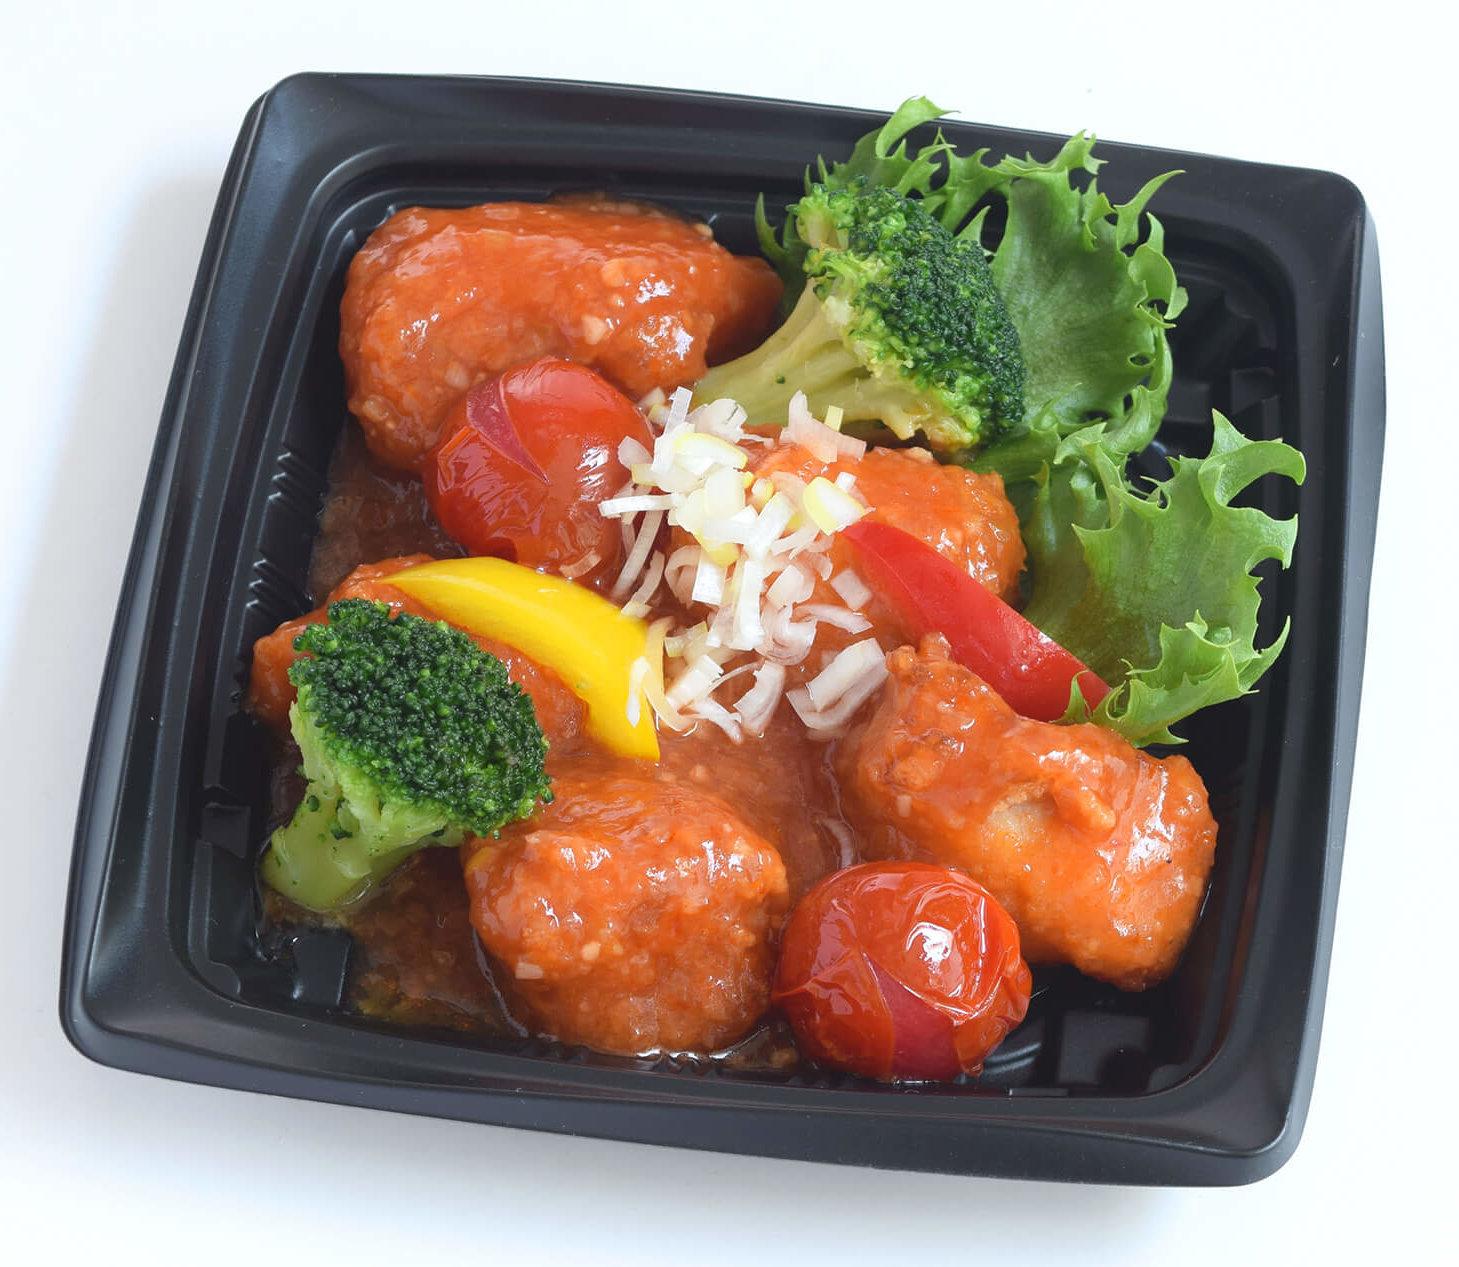 この写真は、RED FESの湯葉チップを衣に混ぜ込んだ、 長州鶏の湯葉唐揚げをピリ辛なトマトチリソース